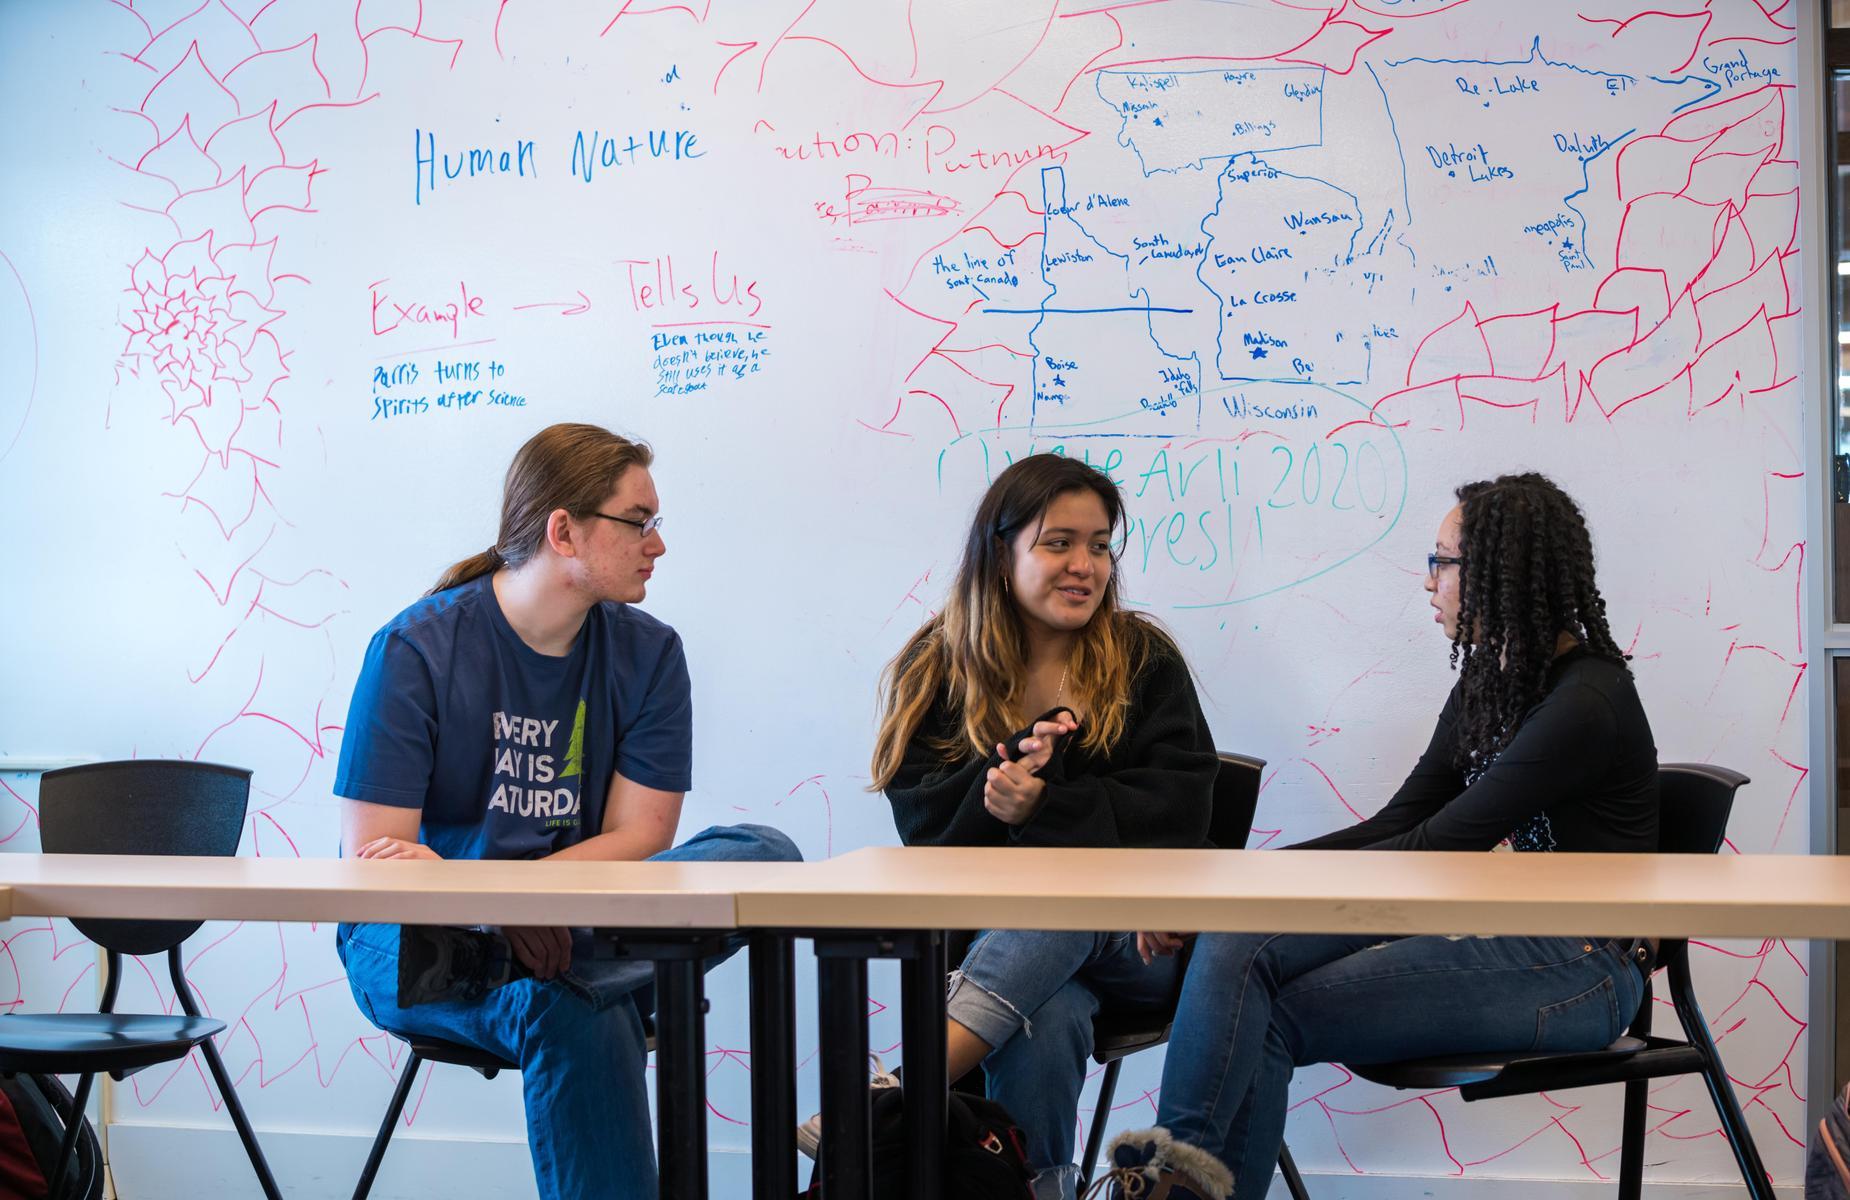 三个学生在教室里讨论.